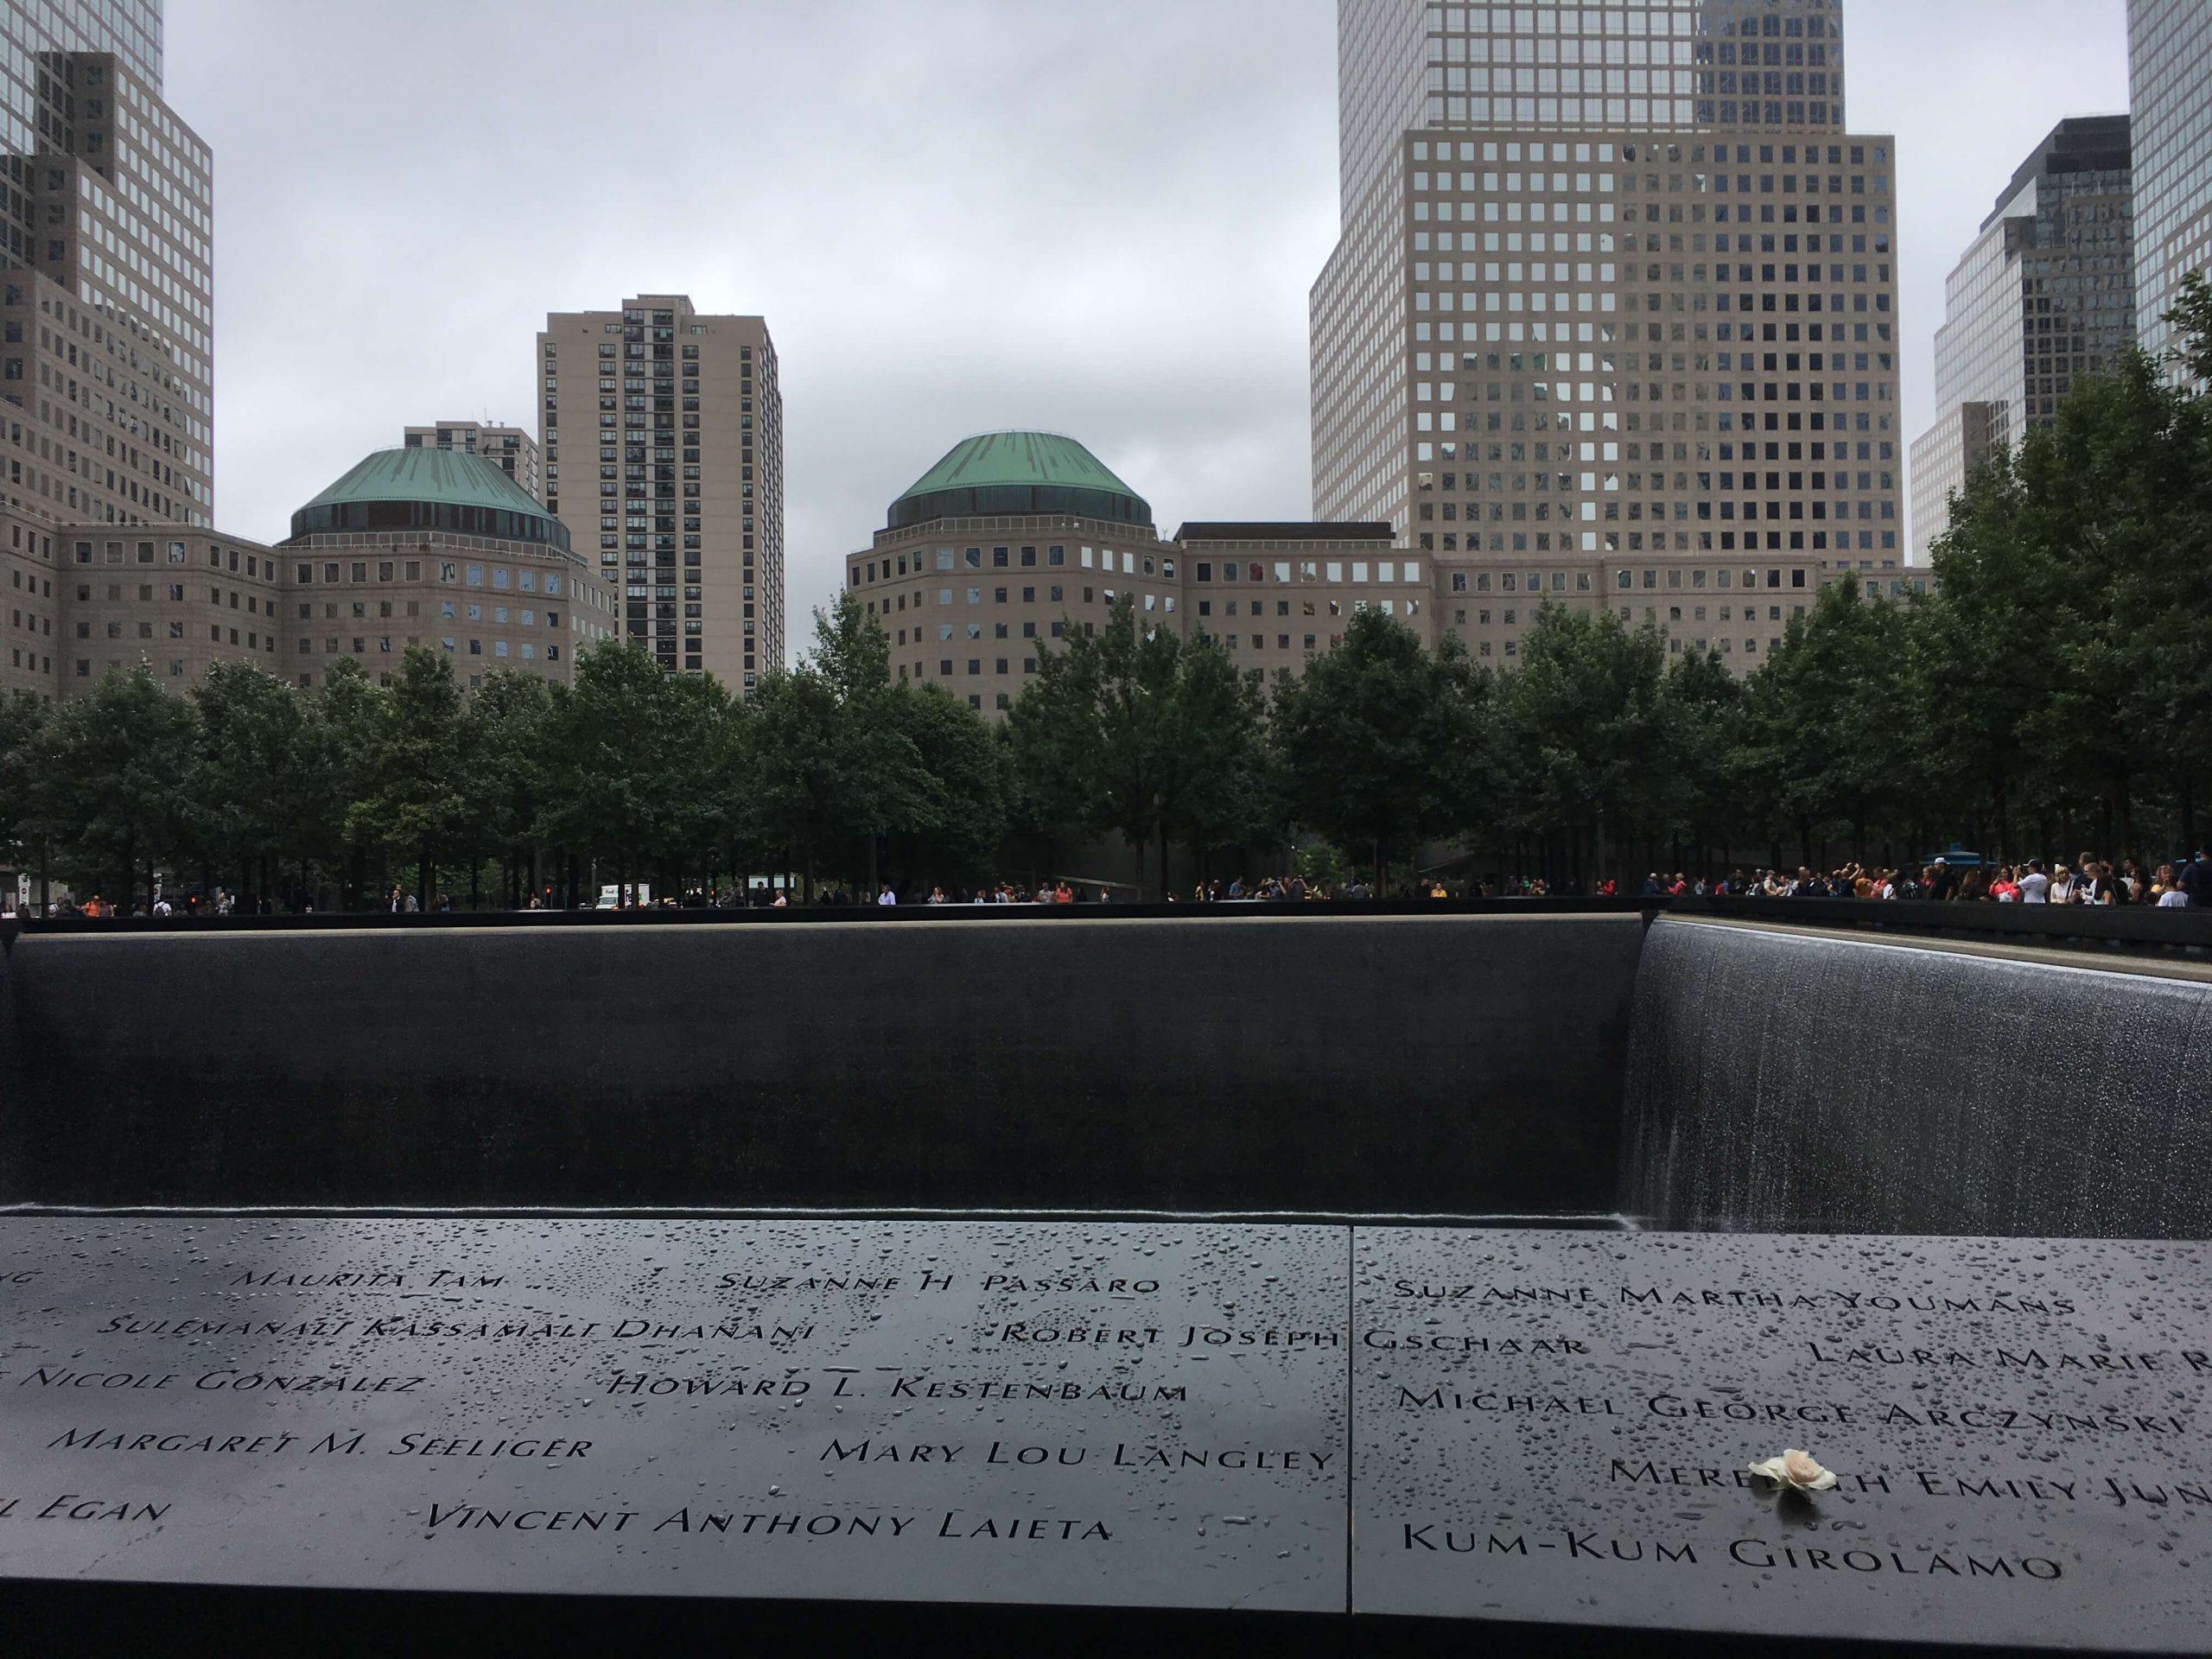 Ma 17 éve történt az Amerikai Egyesült Államok elleni terrortámadás